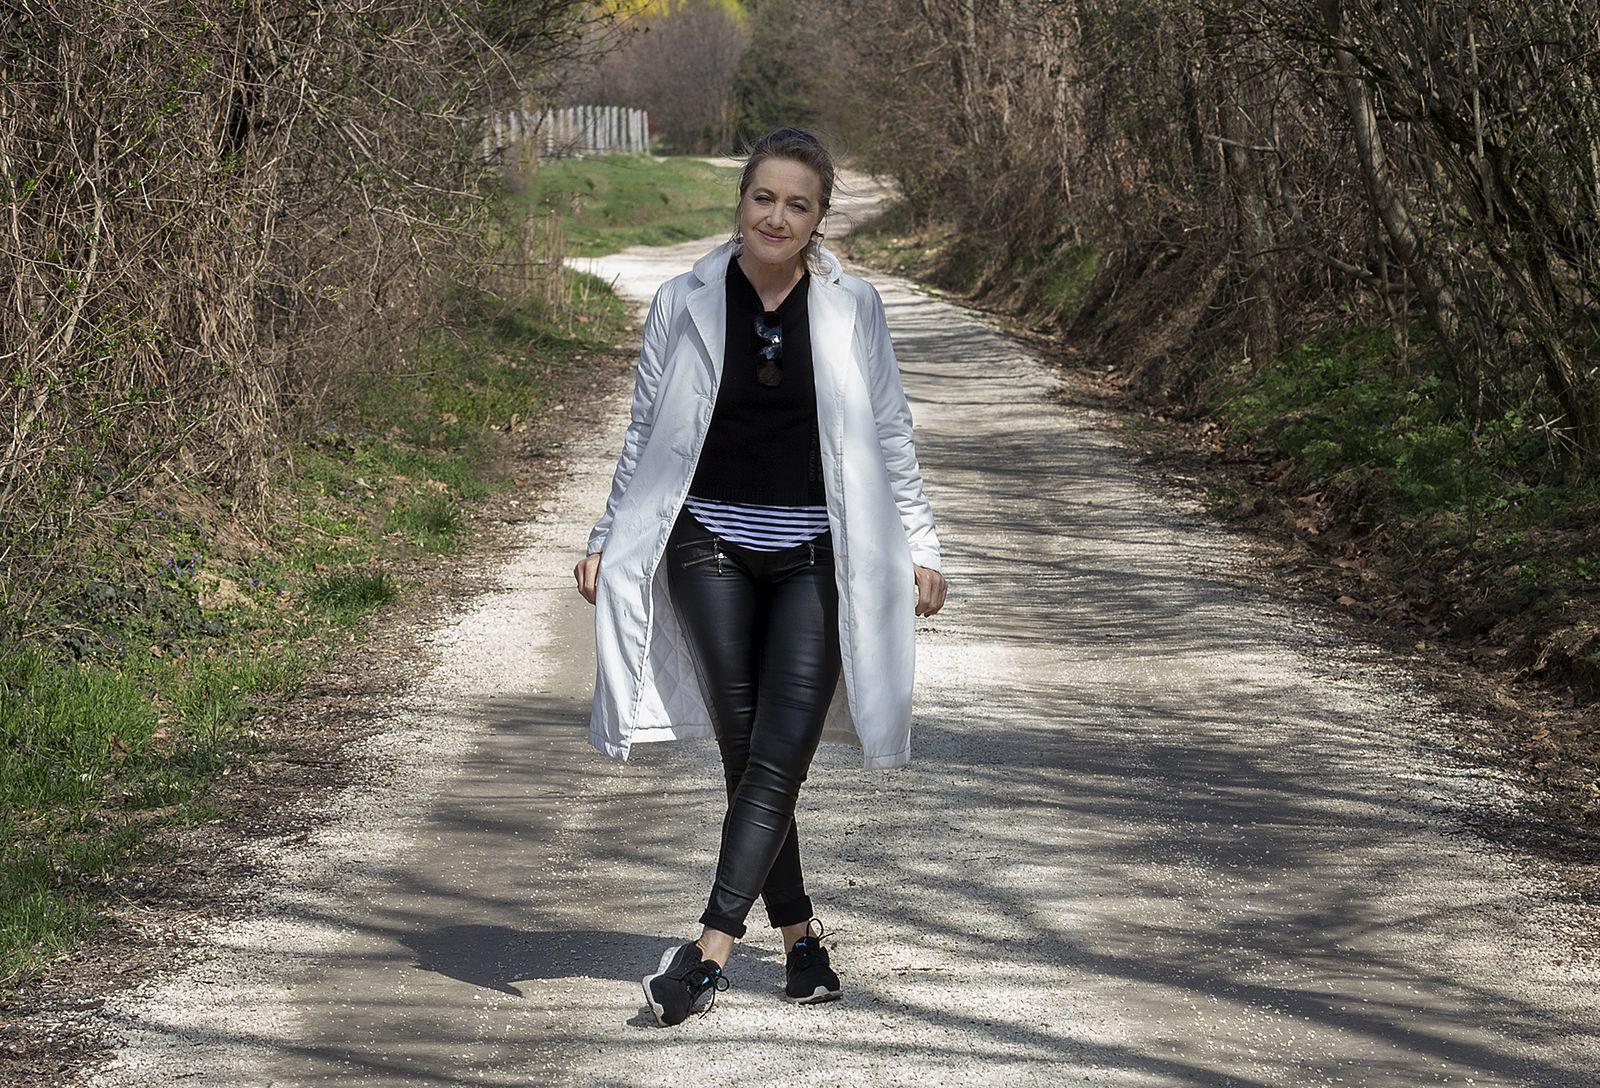 patak társkereső fiatal nő ír társkereső oldalak Angliában